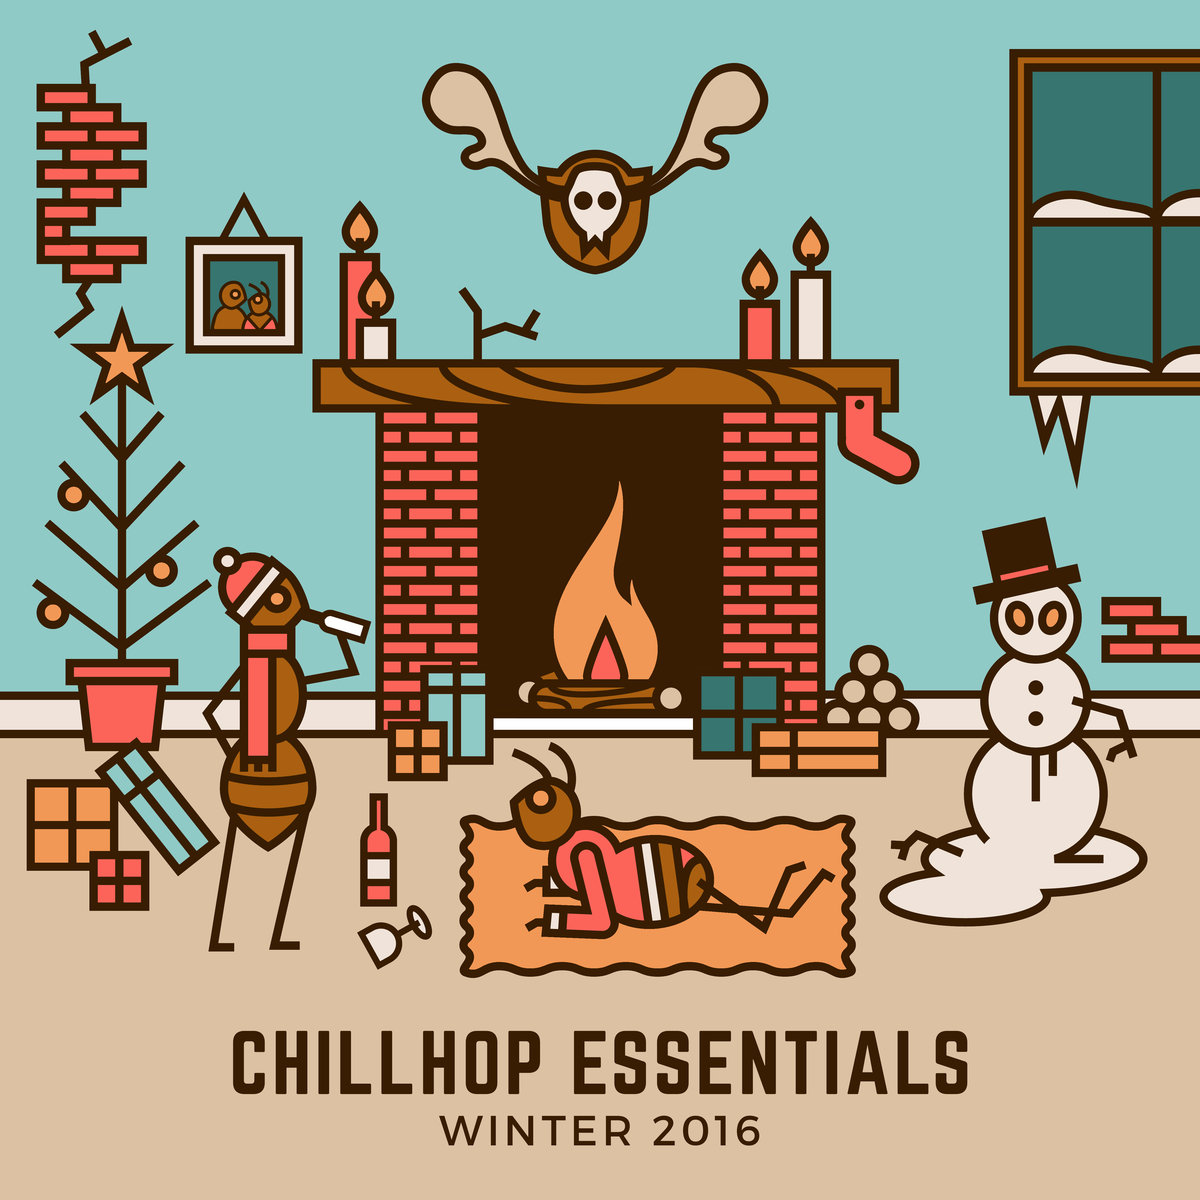 Chillhop Essentials – Winter 2016